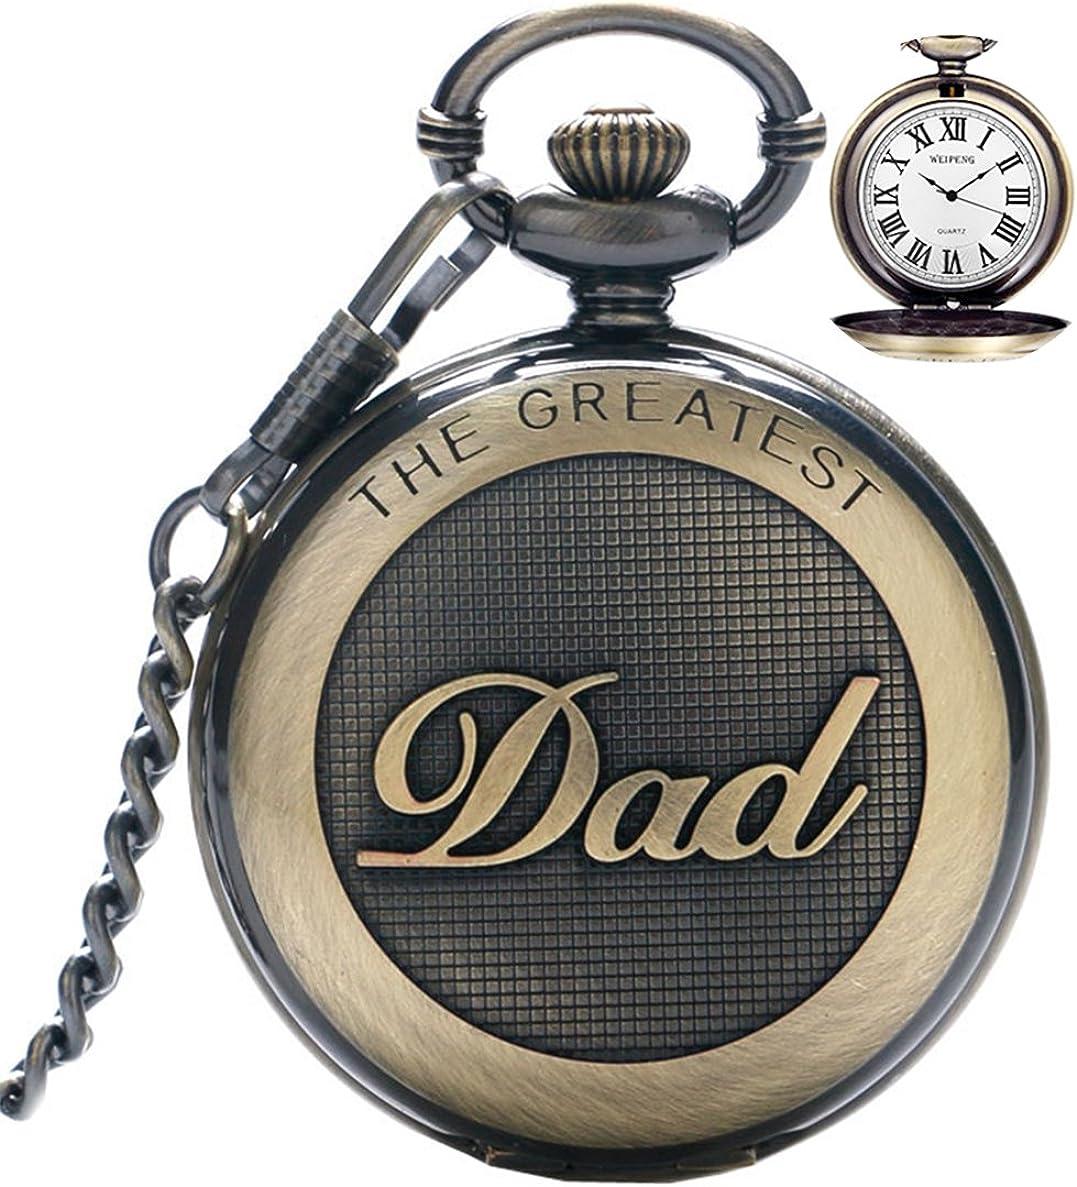 Reloj de Bolsillo para Hombre Cuarzo con Cadena para Hombres Colgante de Reloj de Bolsillo con números Romanos para el día más Grande/Abuelo - Retro Regalos para el día del Padre de